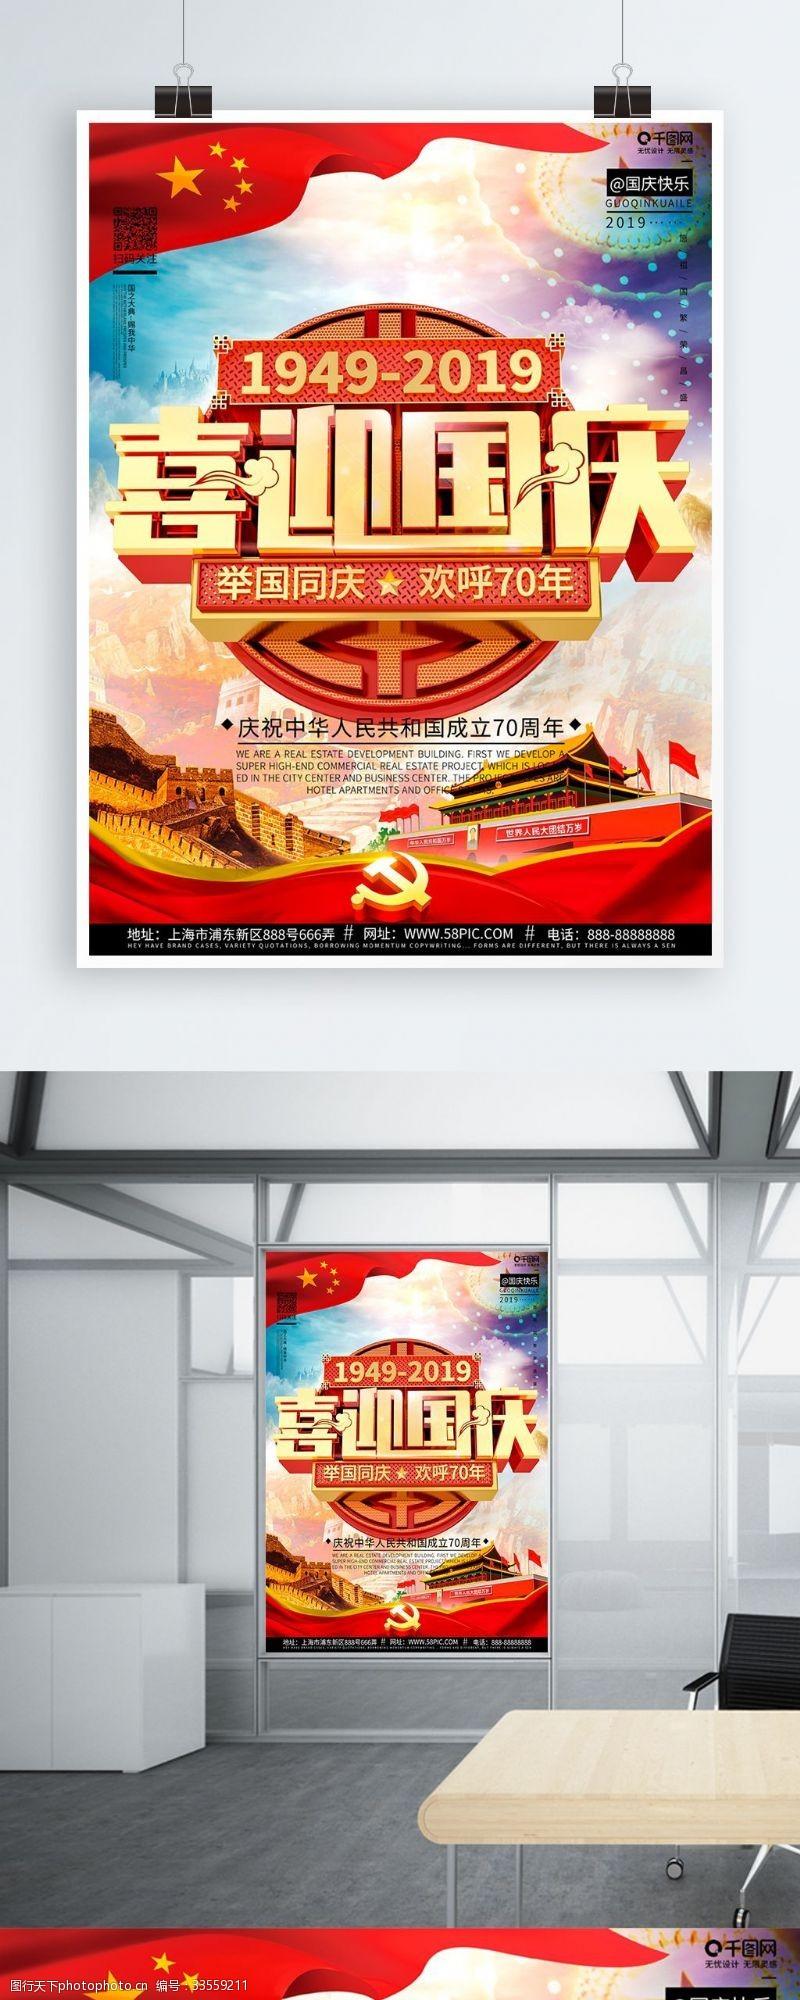 五星红旗C4D高端创意国庆节宣传70周年盛典海报